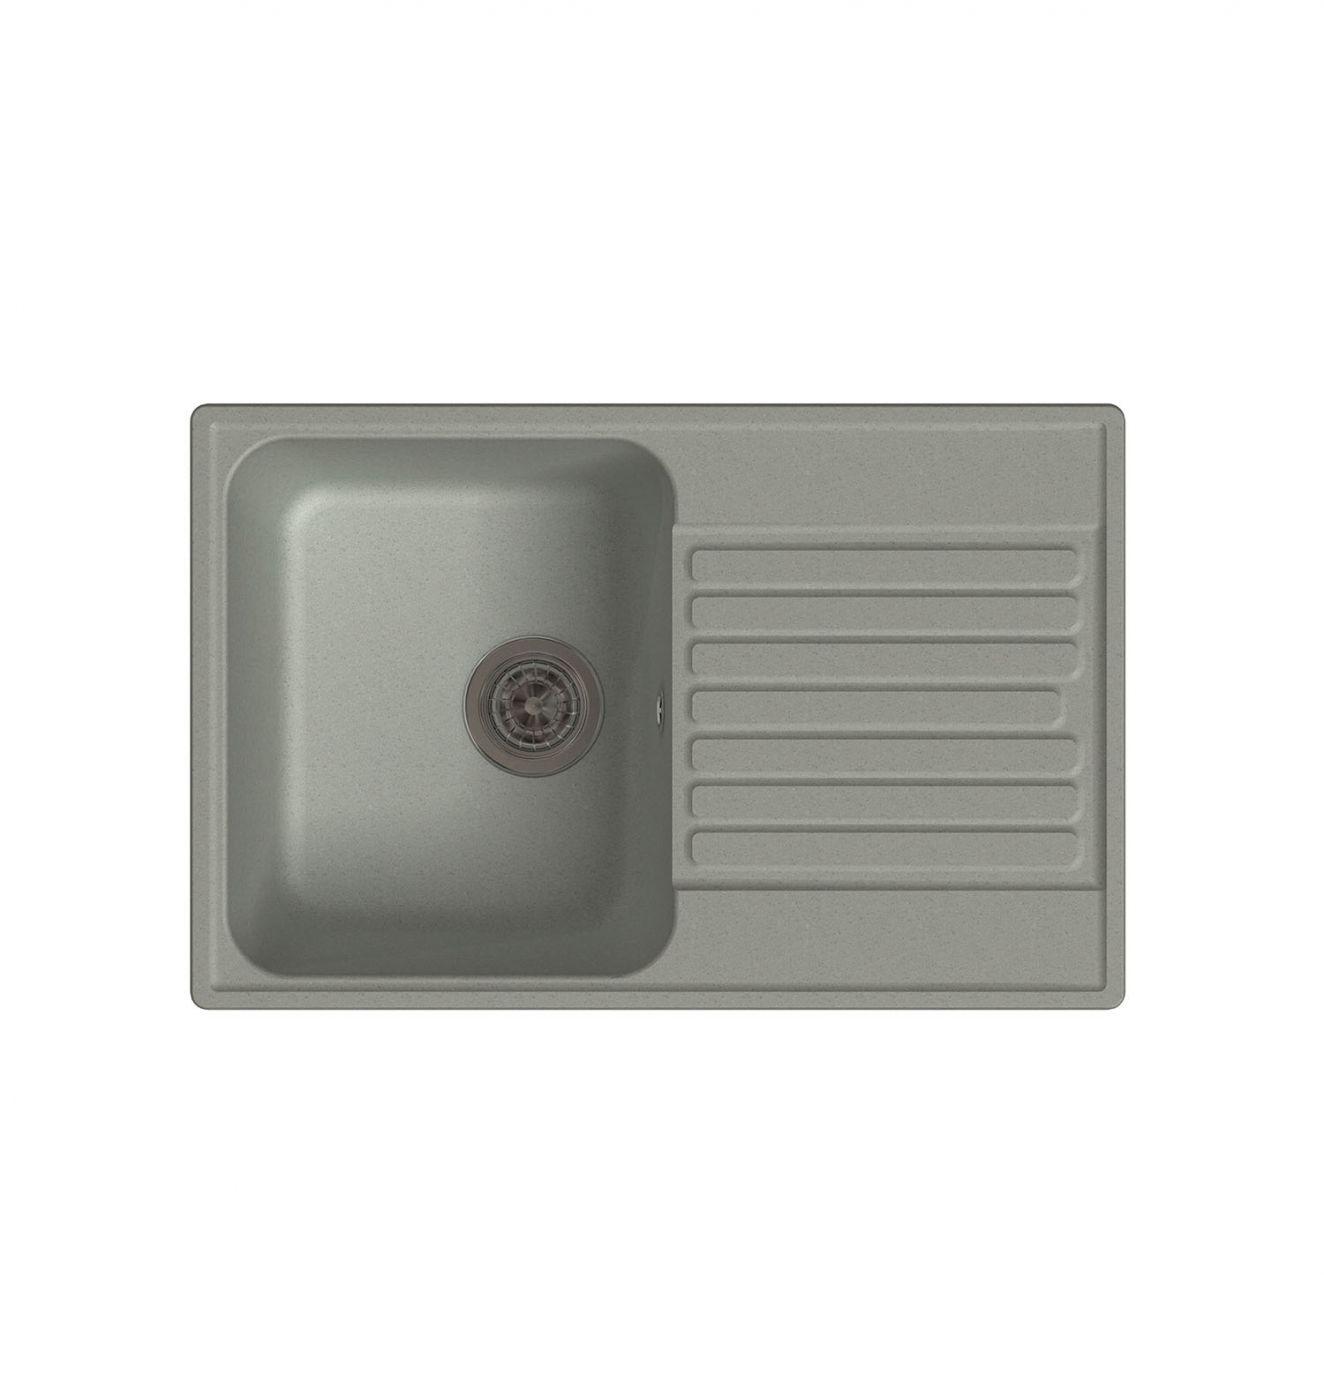 Врезная кухонная мойка LEX Geneva 740 Space Gray  74х48см полимер RULE000024